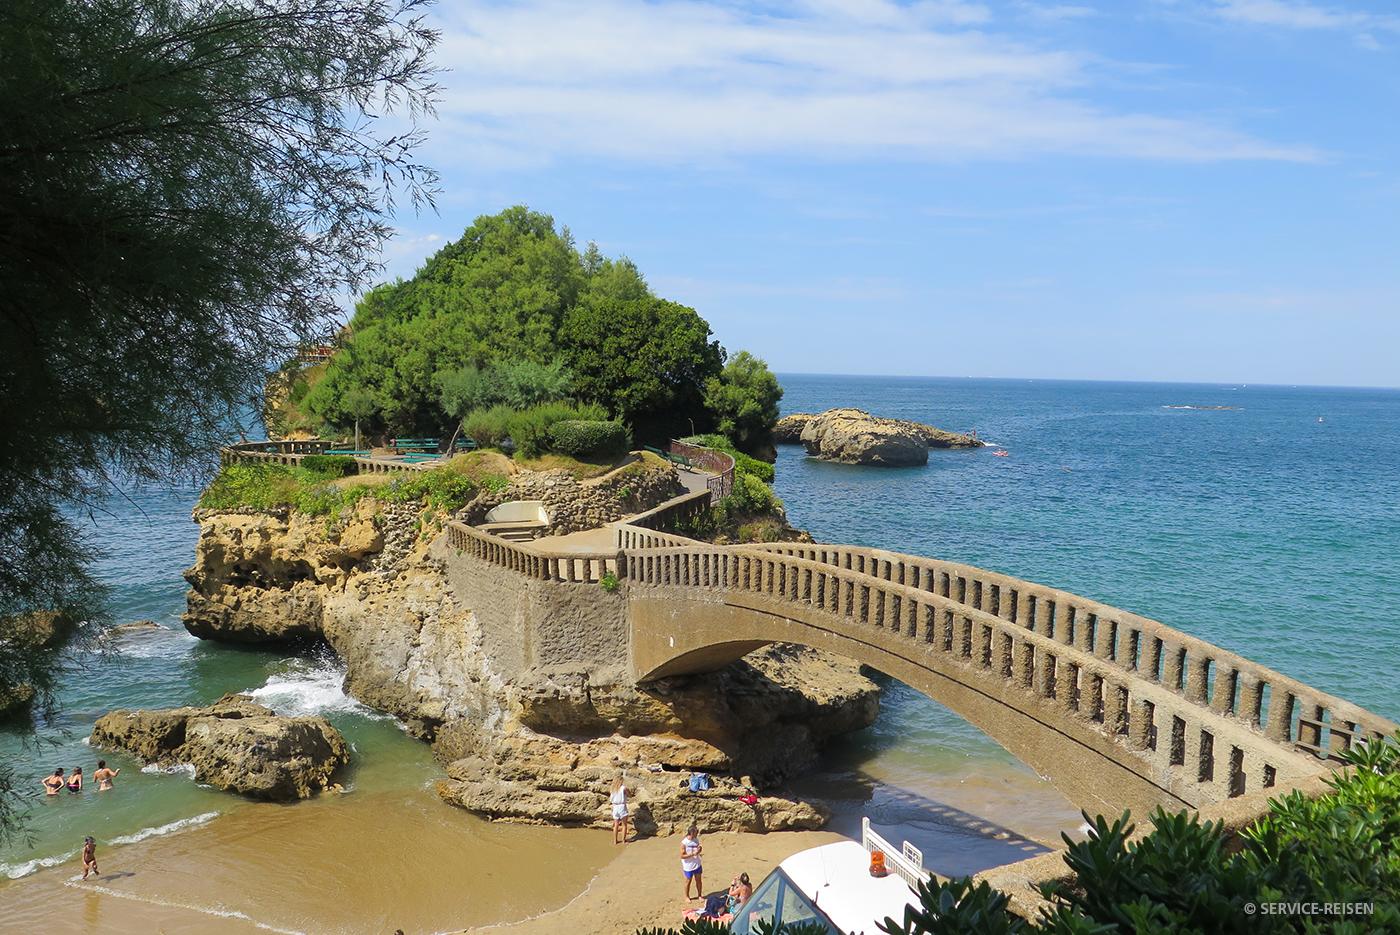 Küsten- und Strandgeschichten in Südfrankreich